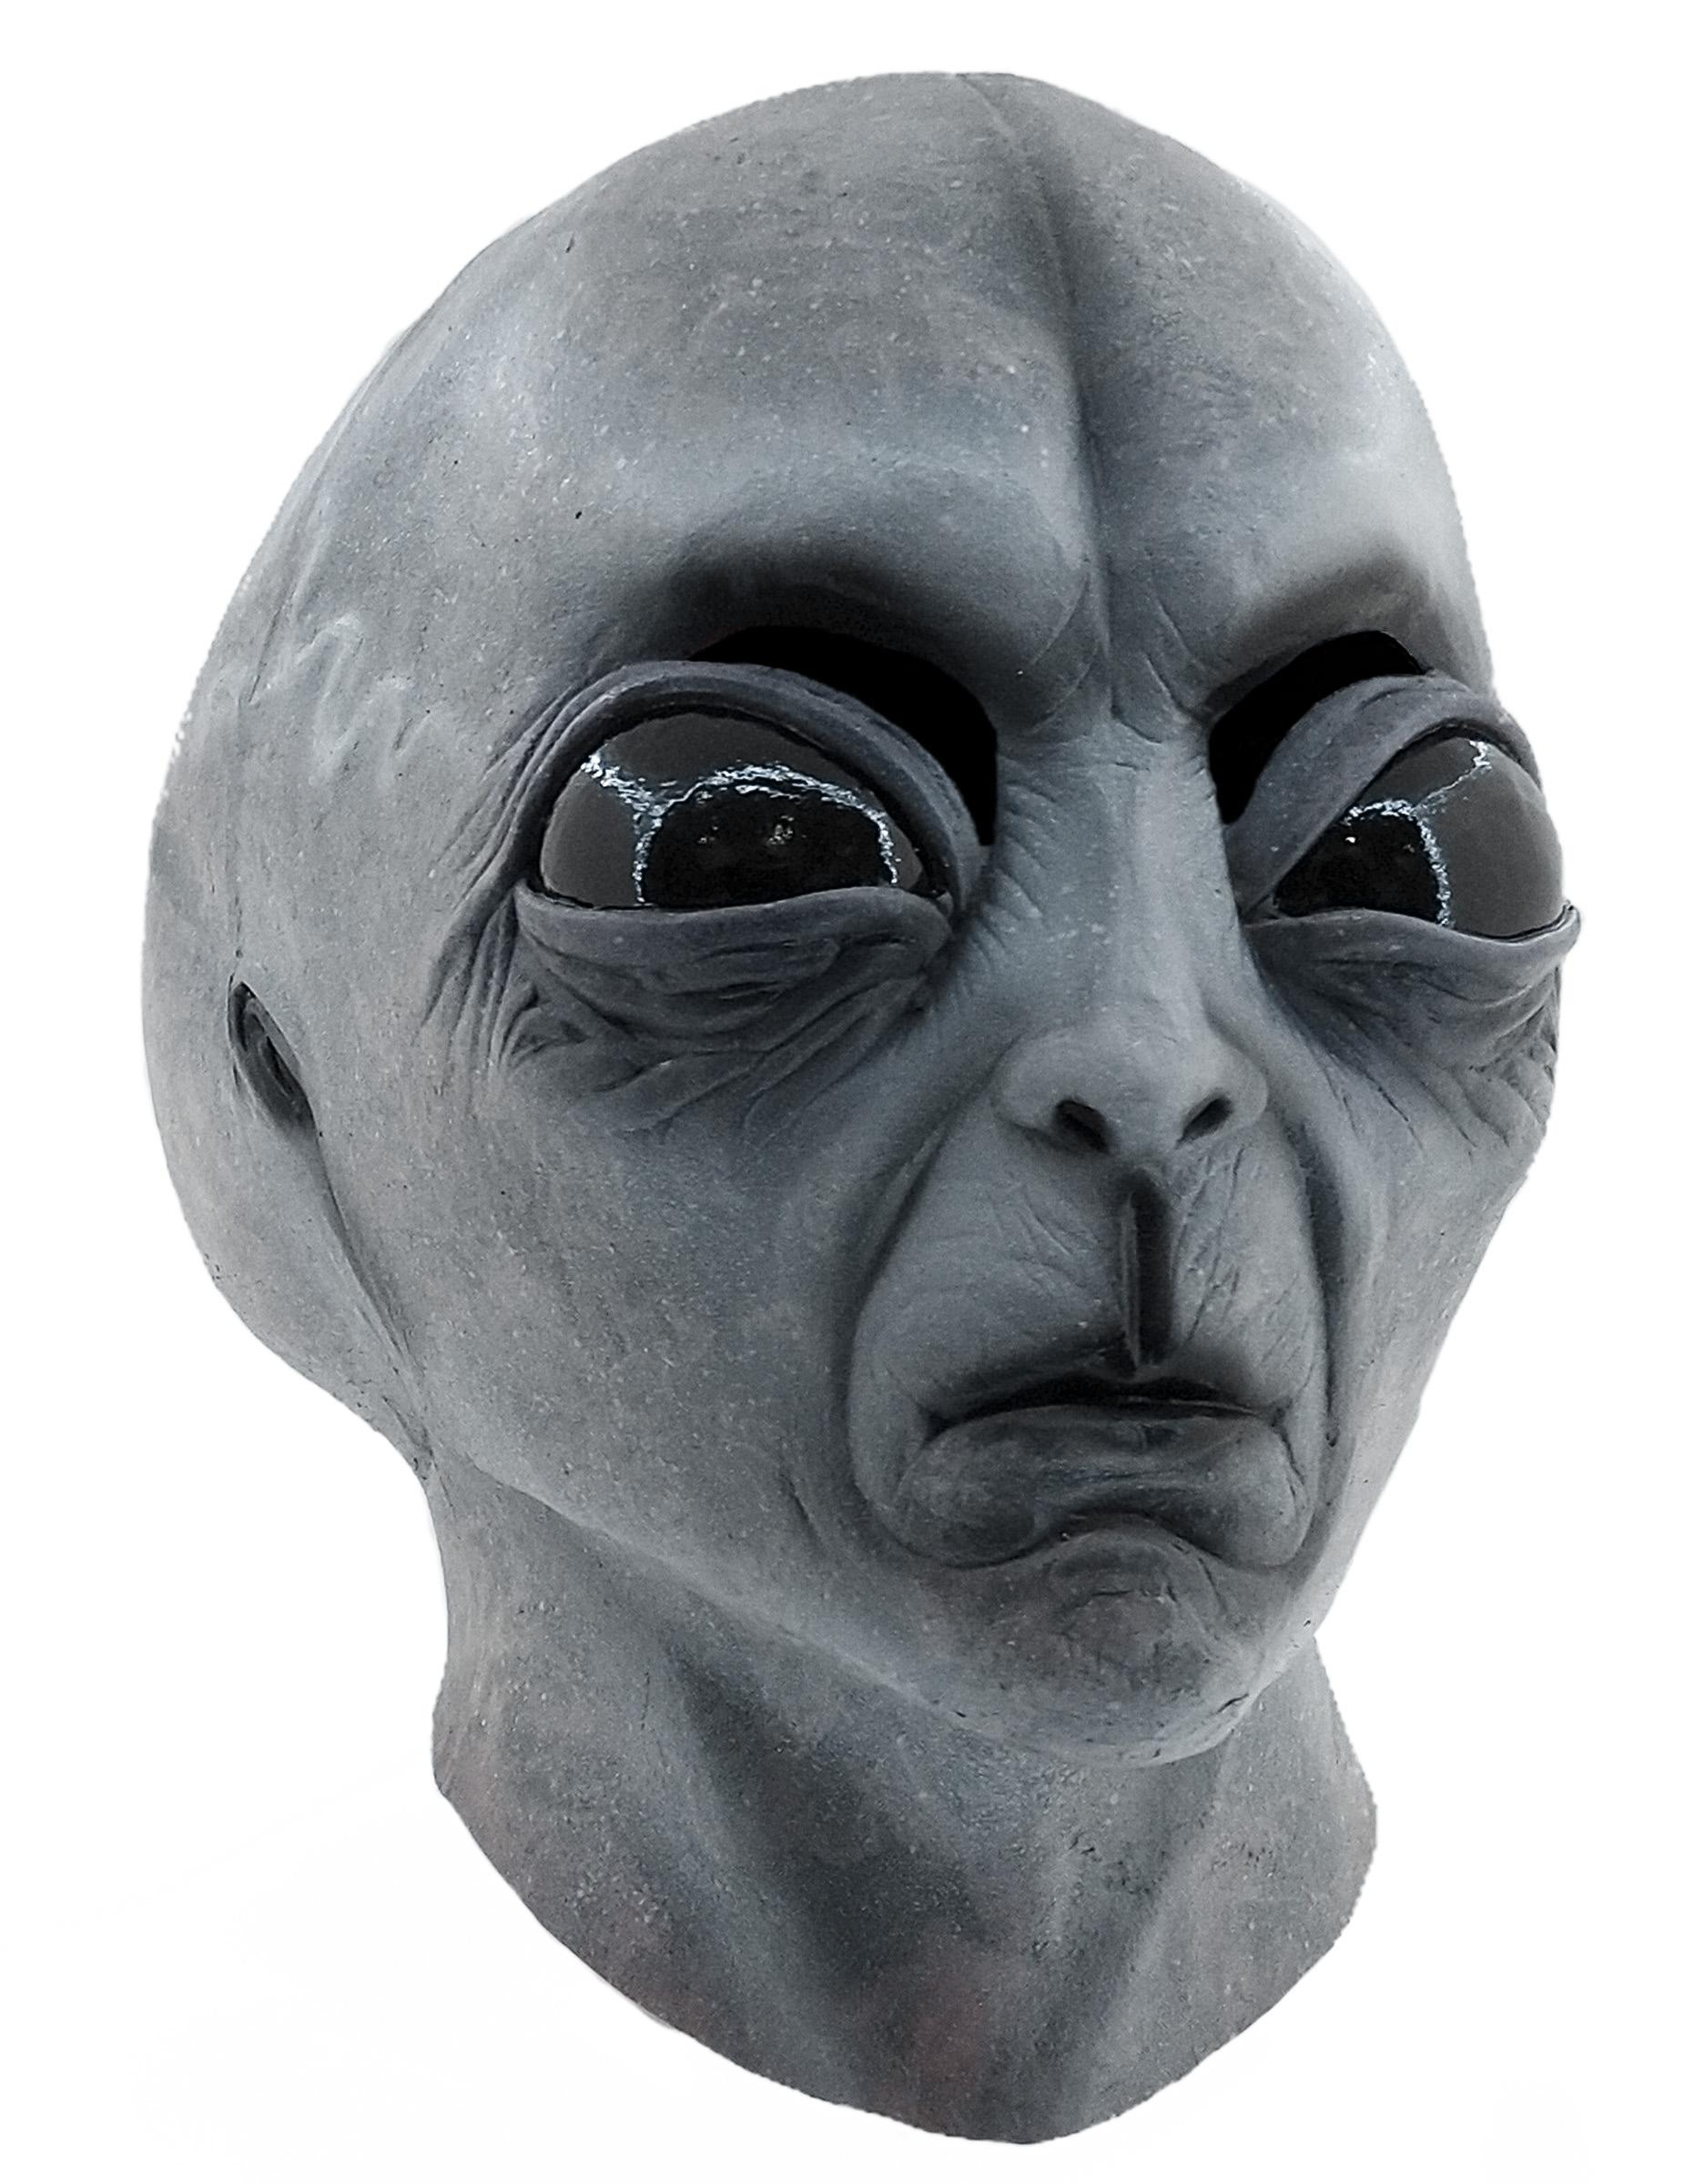 Maske AußerirdischerArreal 51 - Hand bemalt 75375